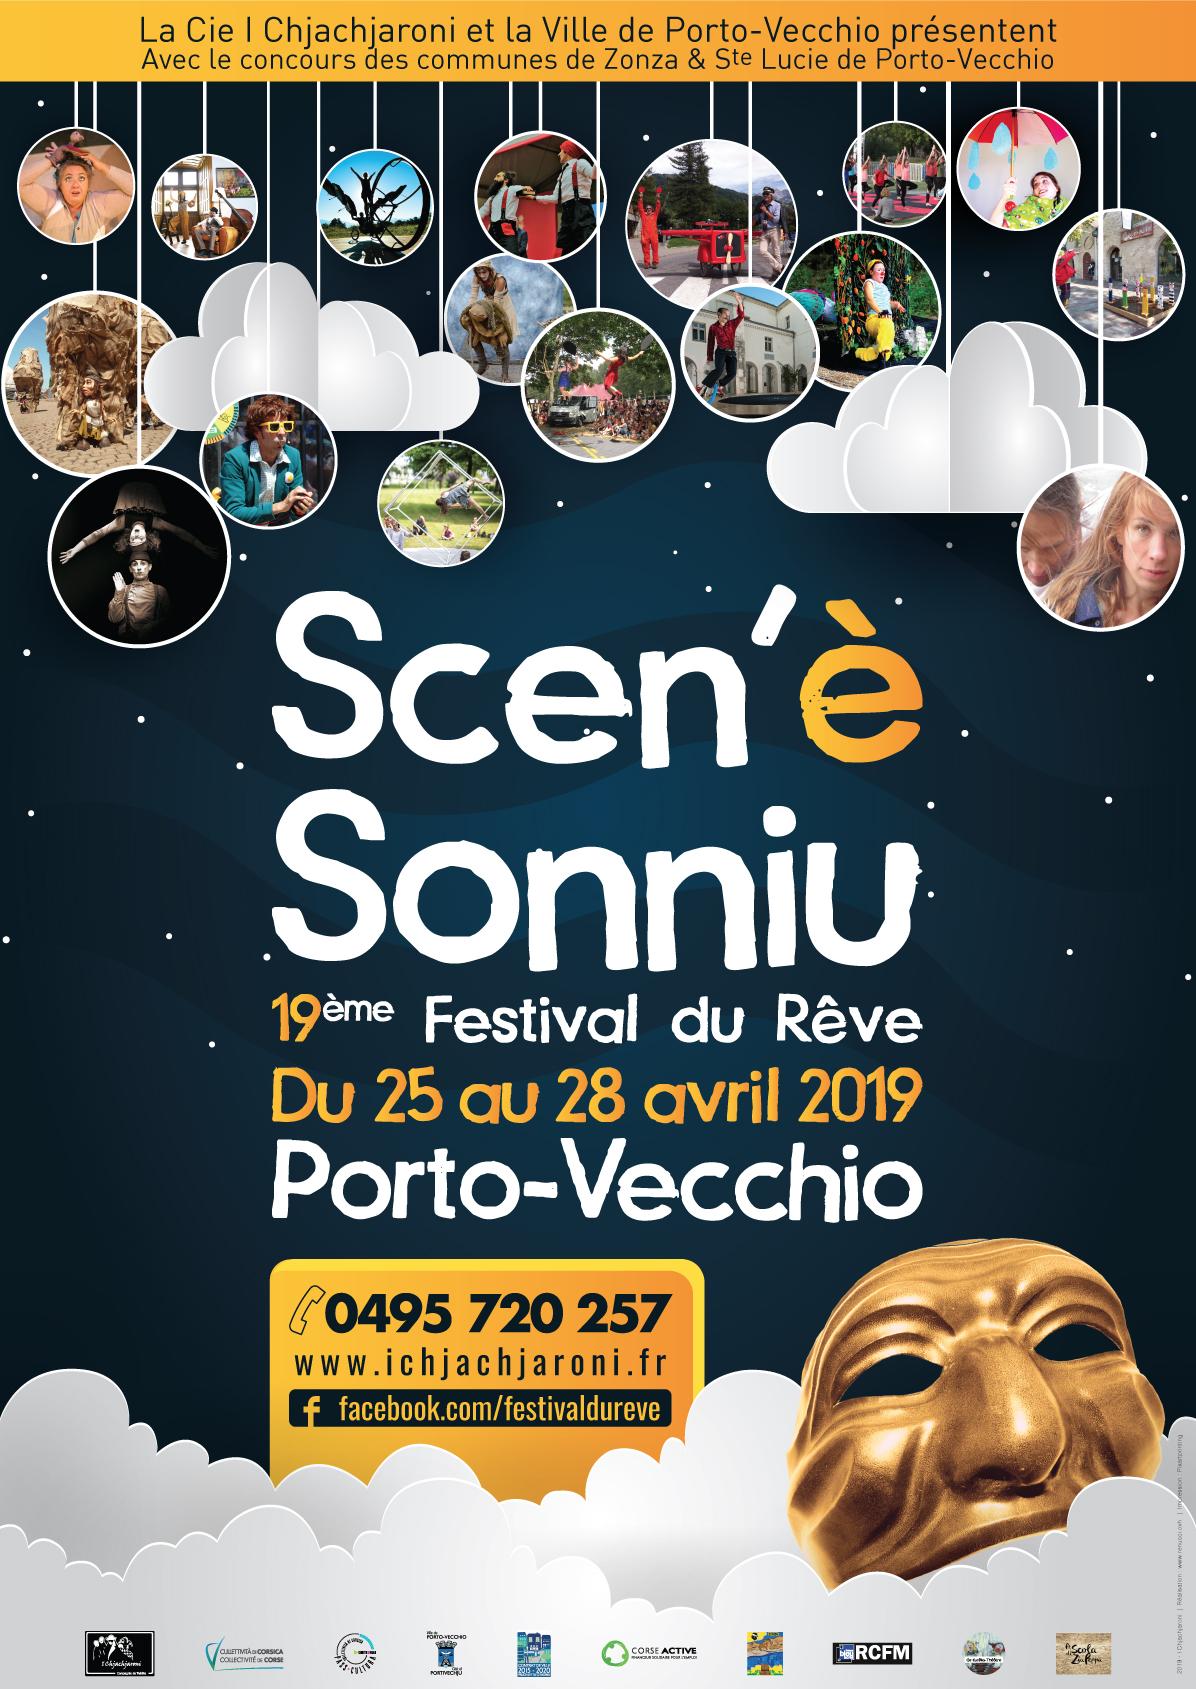 Porto Vecchio : Le 19° Festival du Rêve revient du 25 au 28 avril